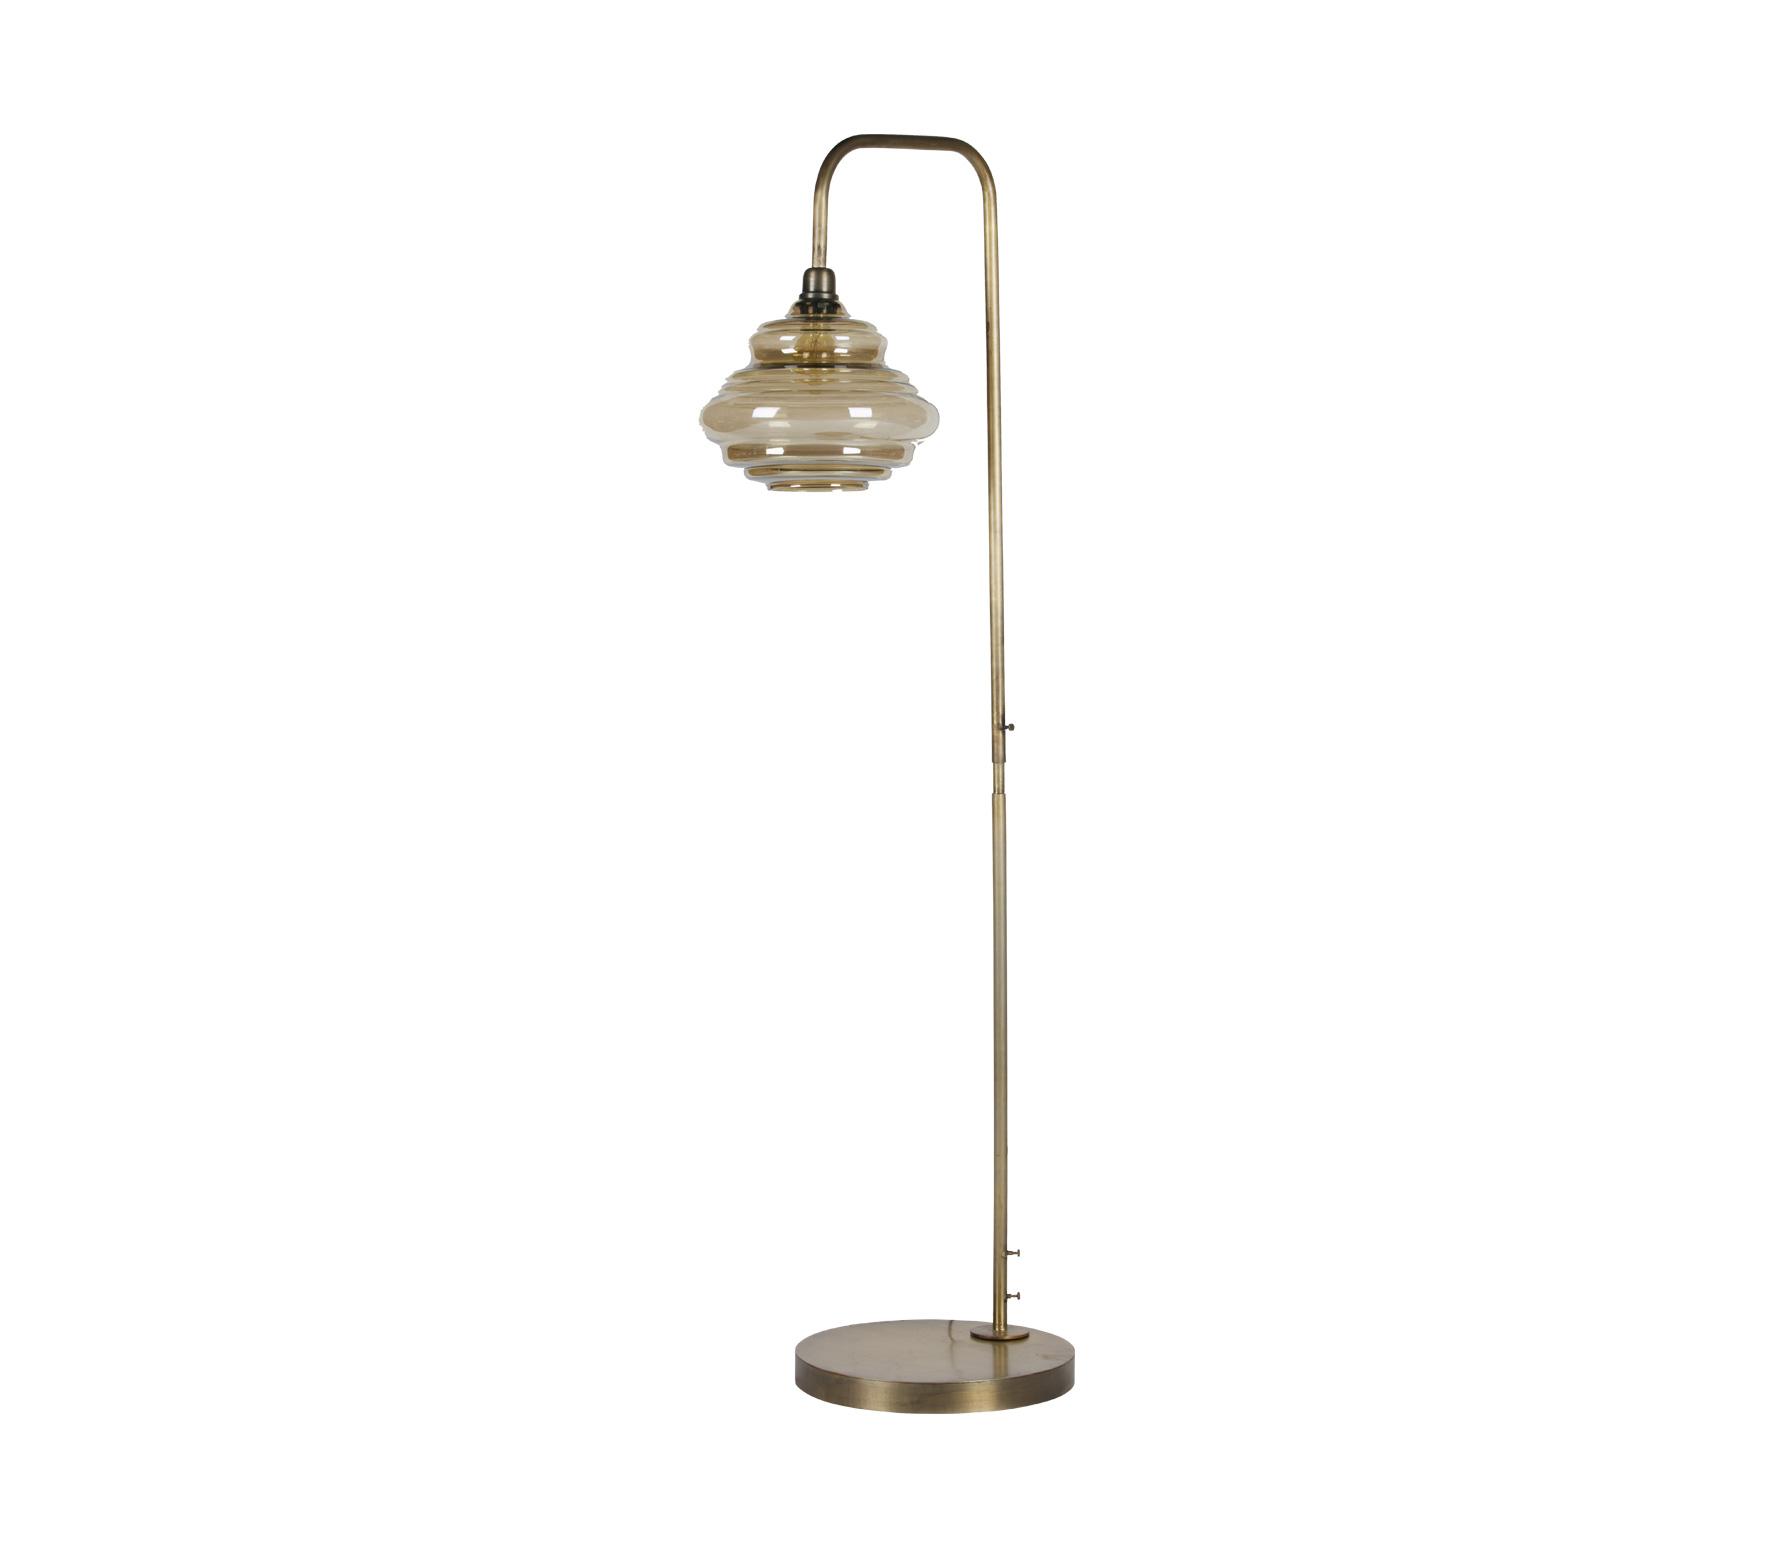 BePureHome Obvious Vloerlamp - Goud